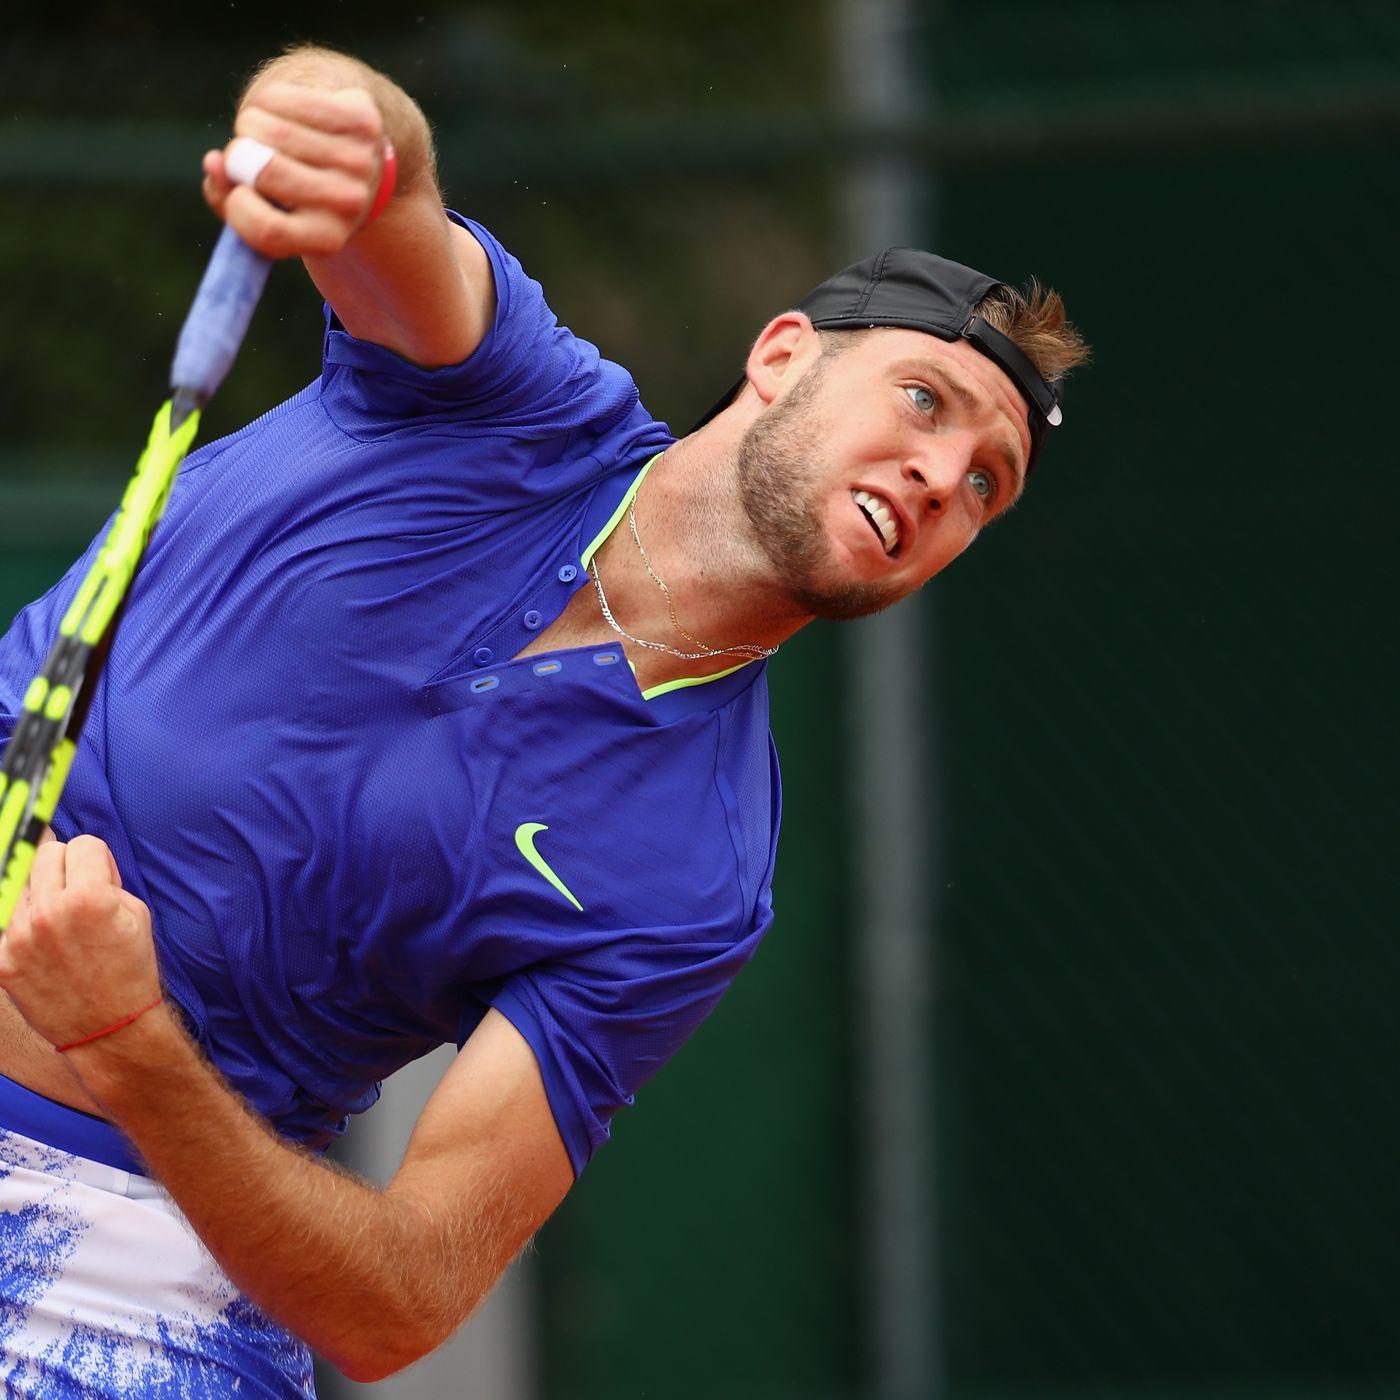 French Open Results 2017 American Jack Sock Out Novak Djokovic Advances On Monday Sbnation Com